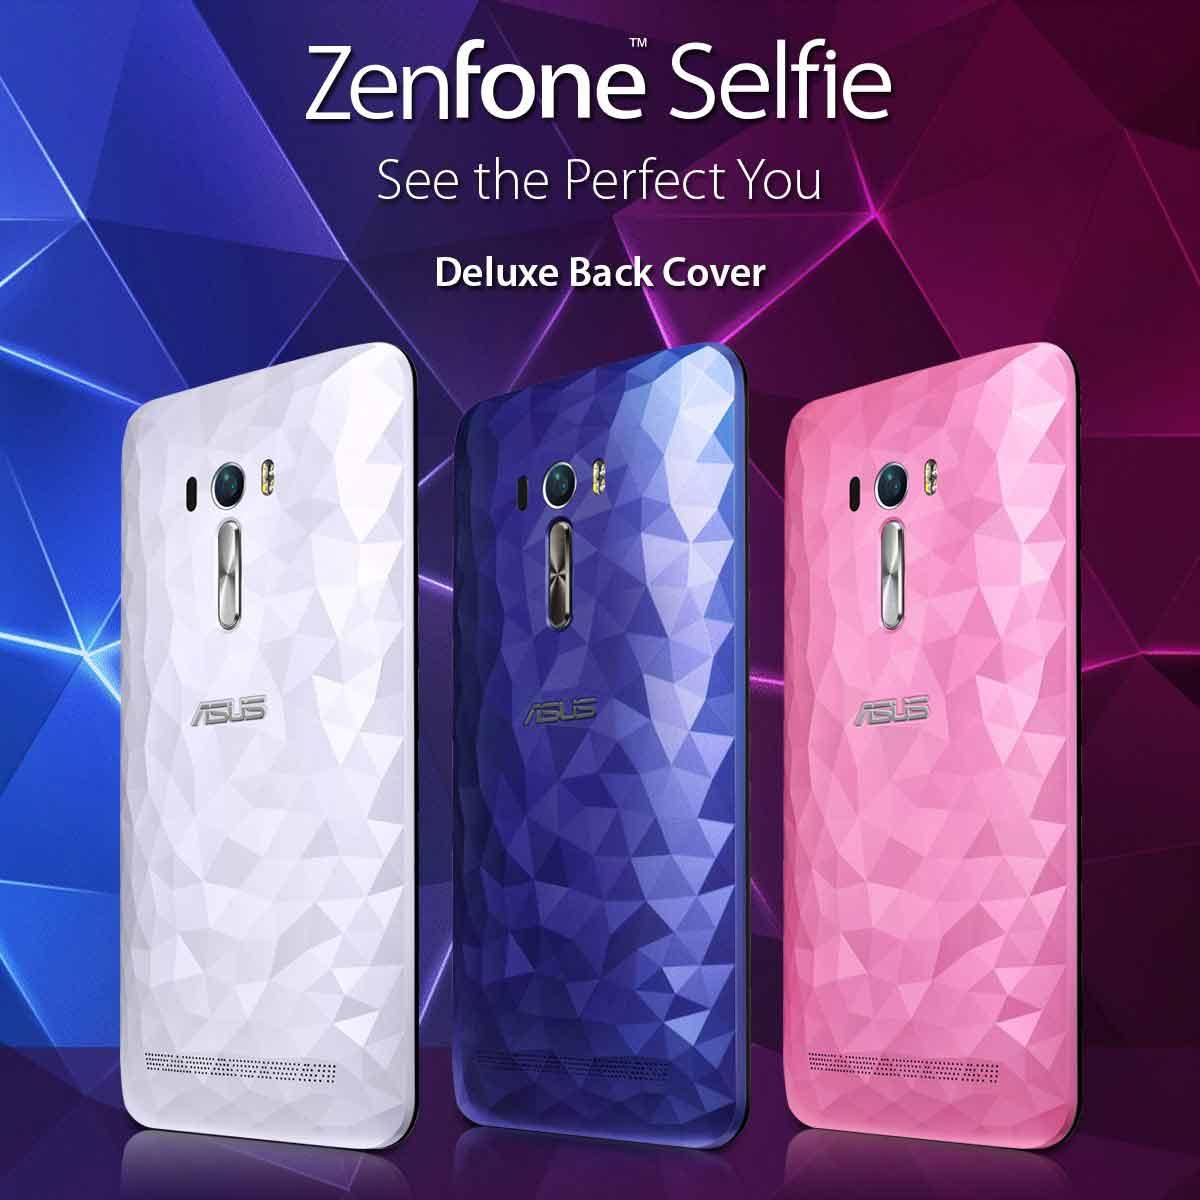 http://www.manilashaker.com/wp-content/uploads/2015/12/asus-zenfone-selfie-deluxe-philippines.jpg